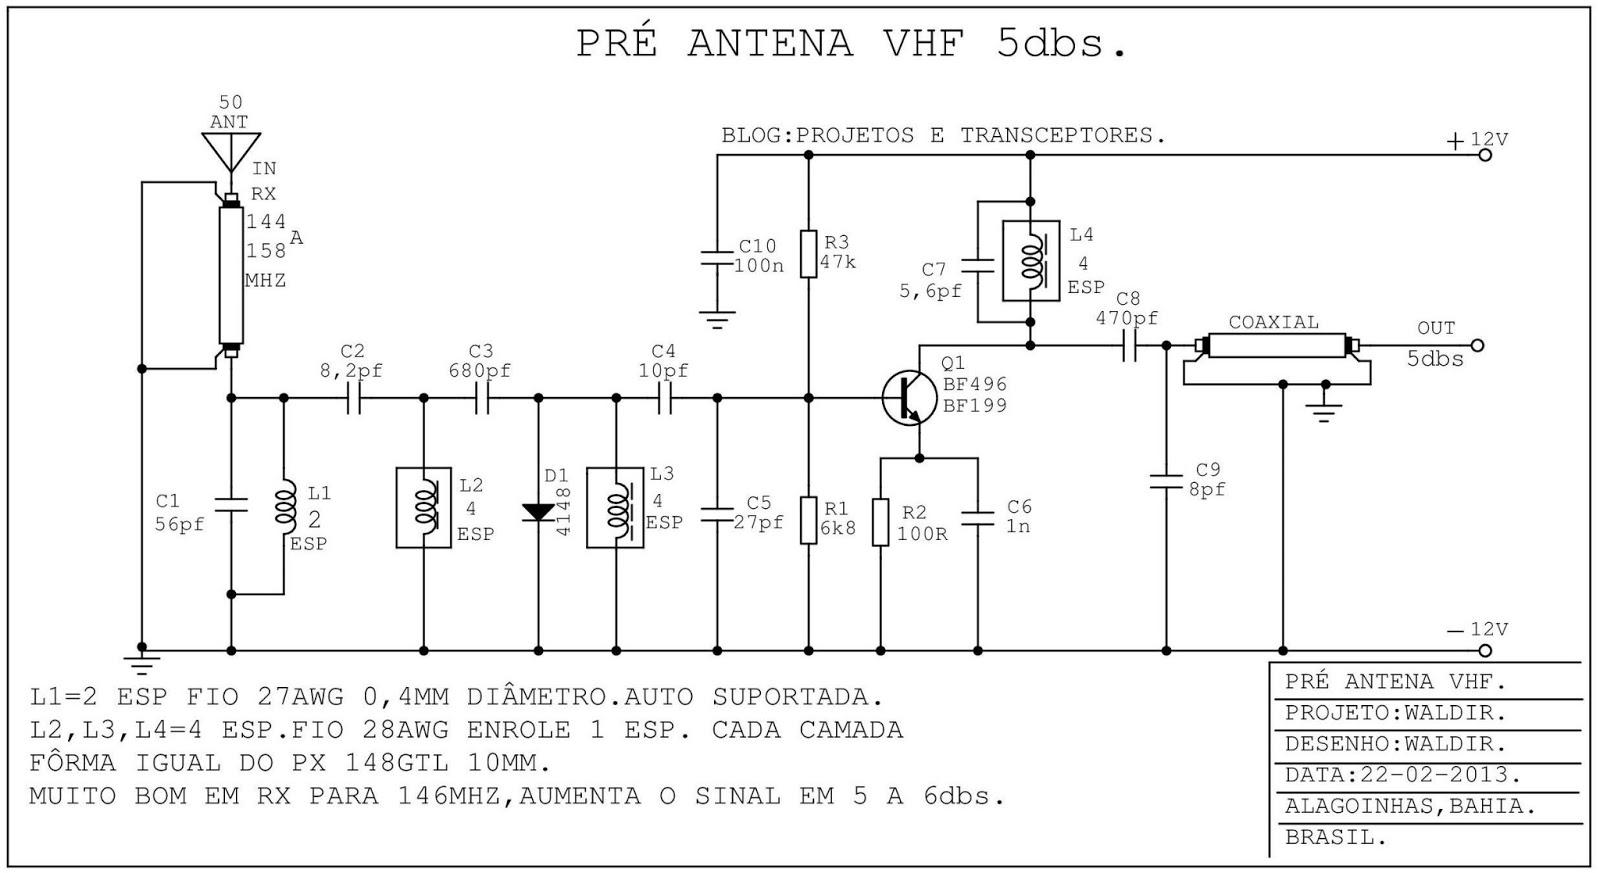 Projetos e transceptores pr amplificador de antena vhf - Amplificador de antena ...